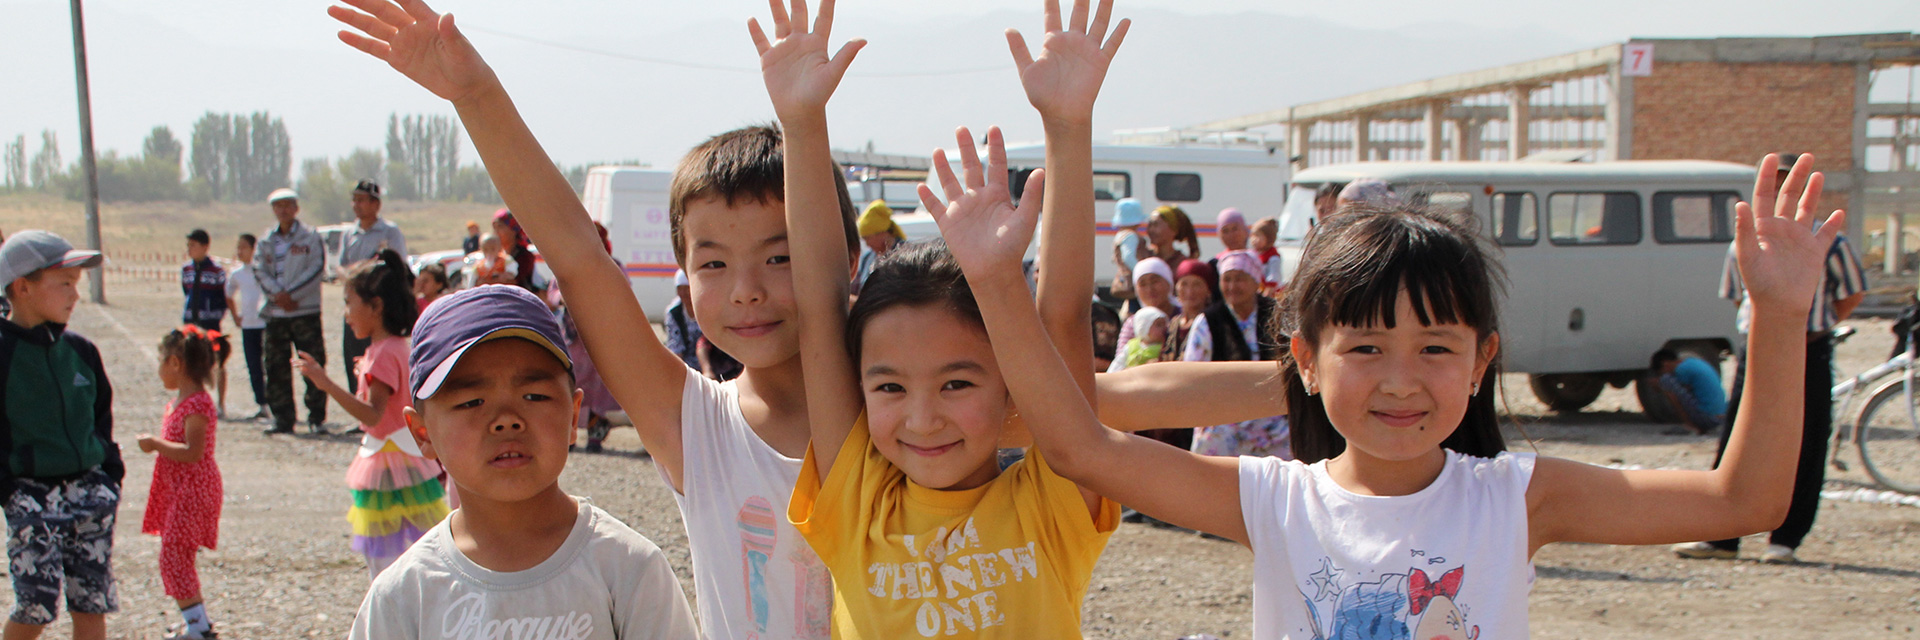 Kirgisische Kinder heben ihre Hände in die Luft